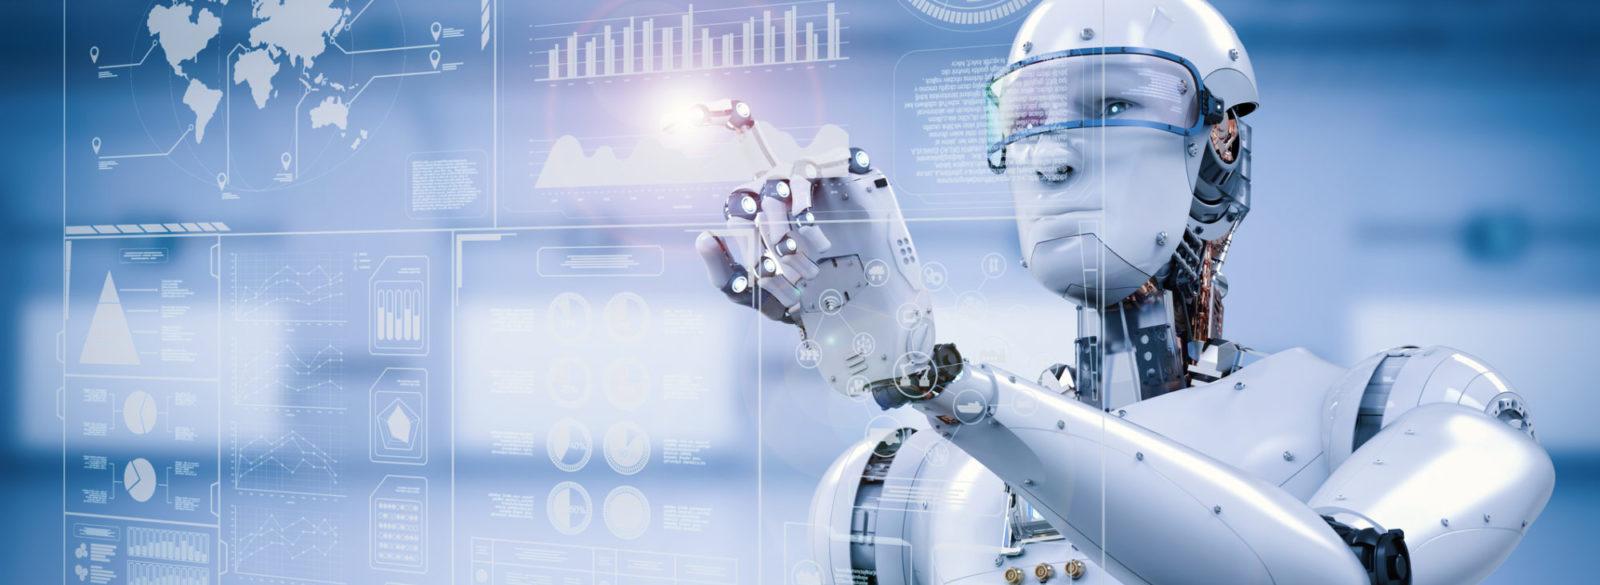 Image de synthèse d'un robot anthropoïde travaillant sur une interface holographique.